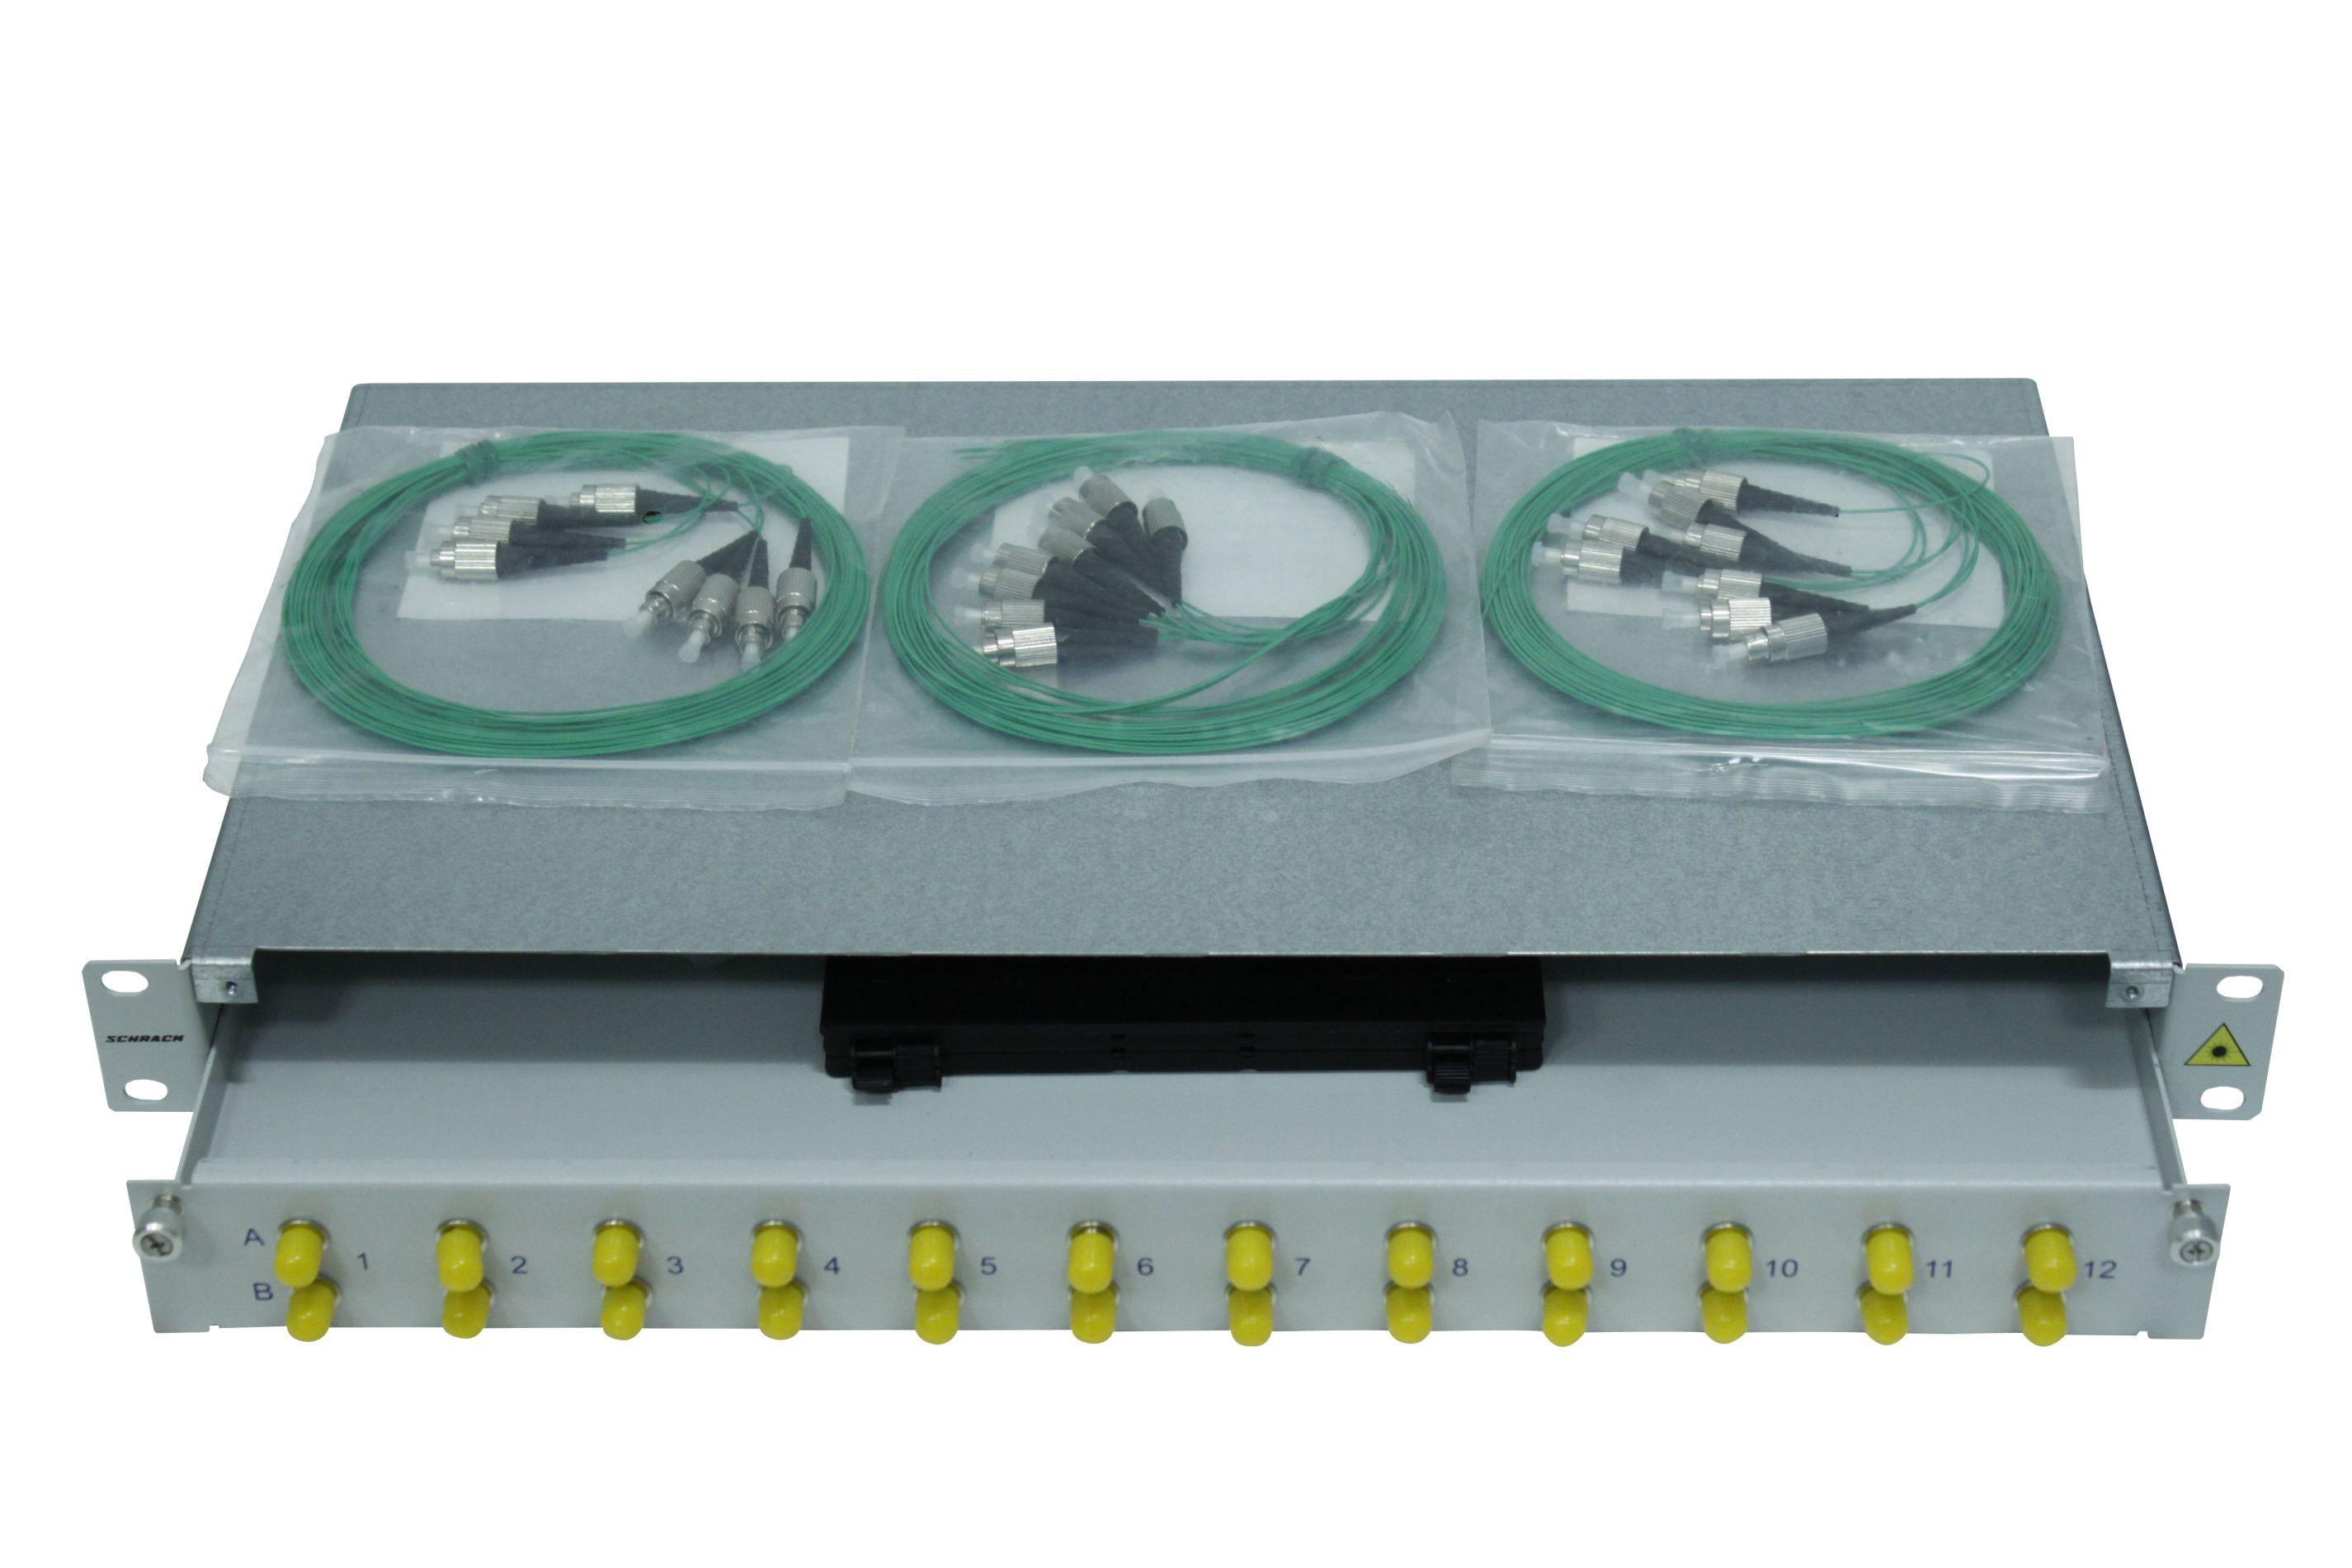 1 Stk LWL Spleißbox,24Fasern,FC,62,5/125µm OM1, ausziehb,19,1HE HSELS246FG